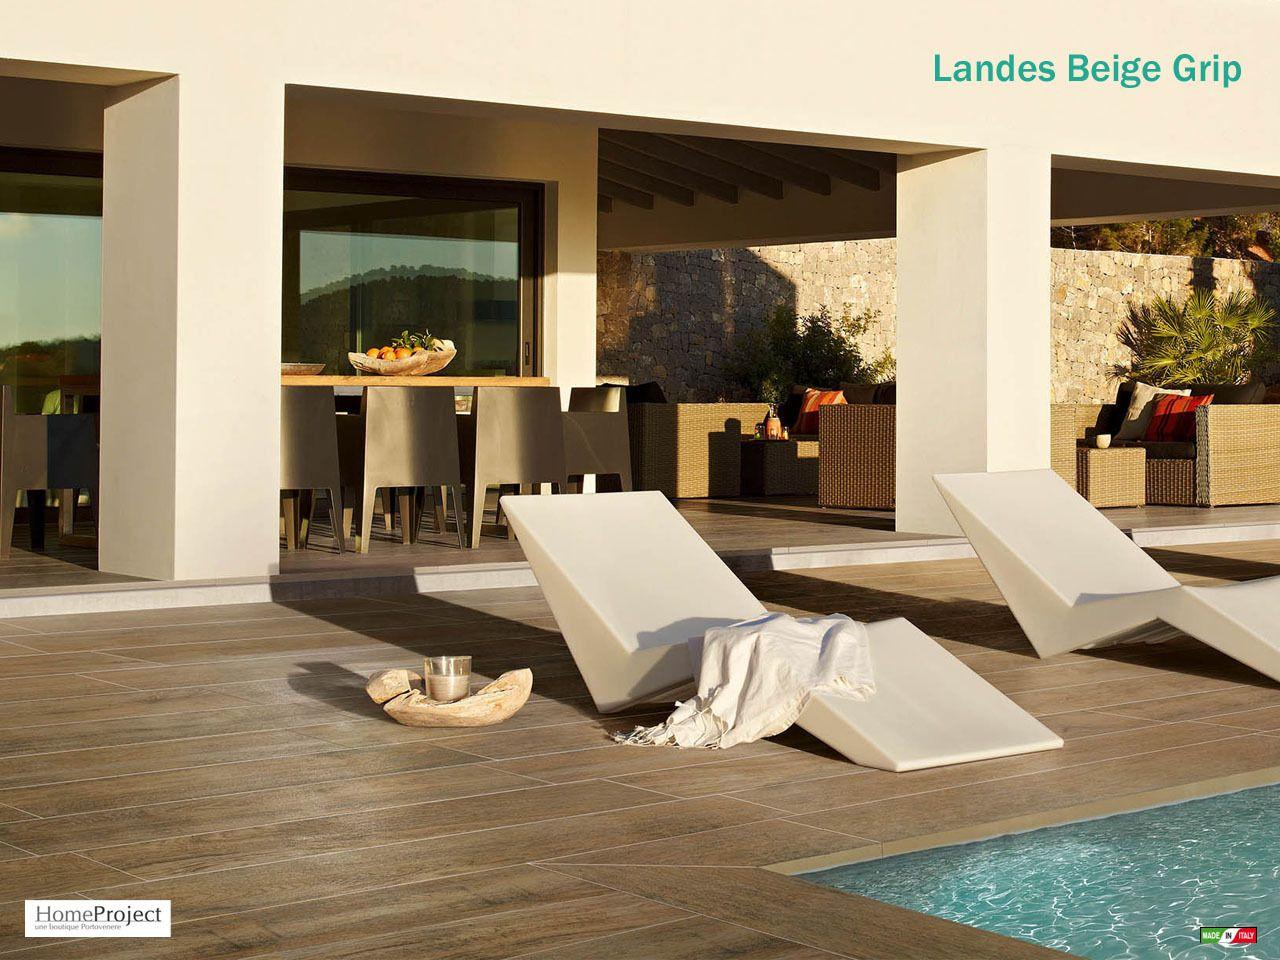 Carrelage ext rieur parquet landes beige 16x99 5 cm grip for Carrelage exterieur aspect bois